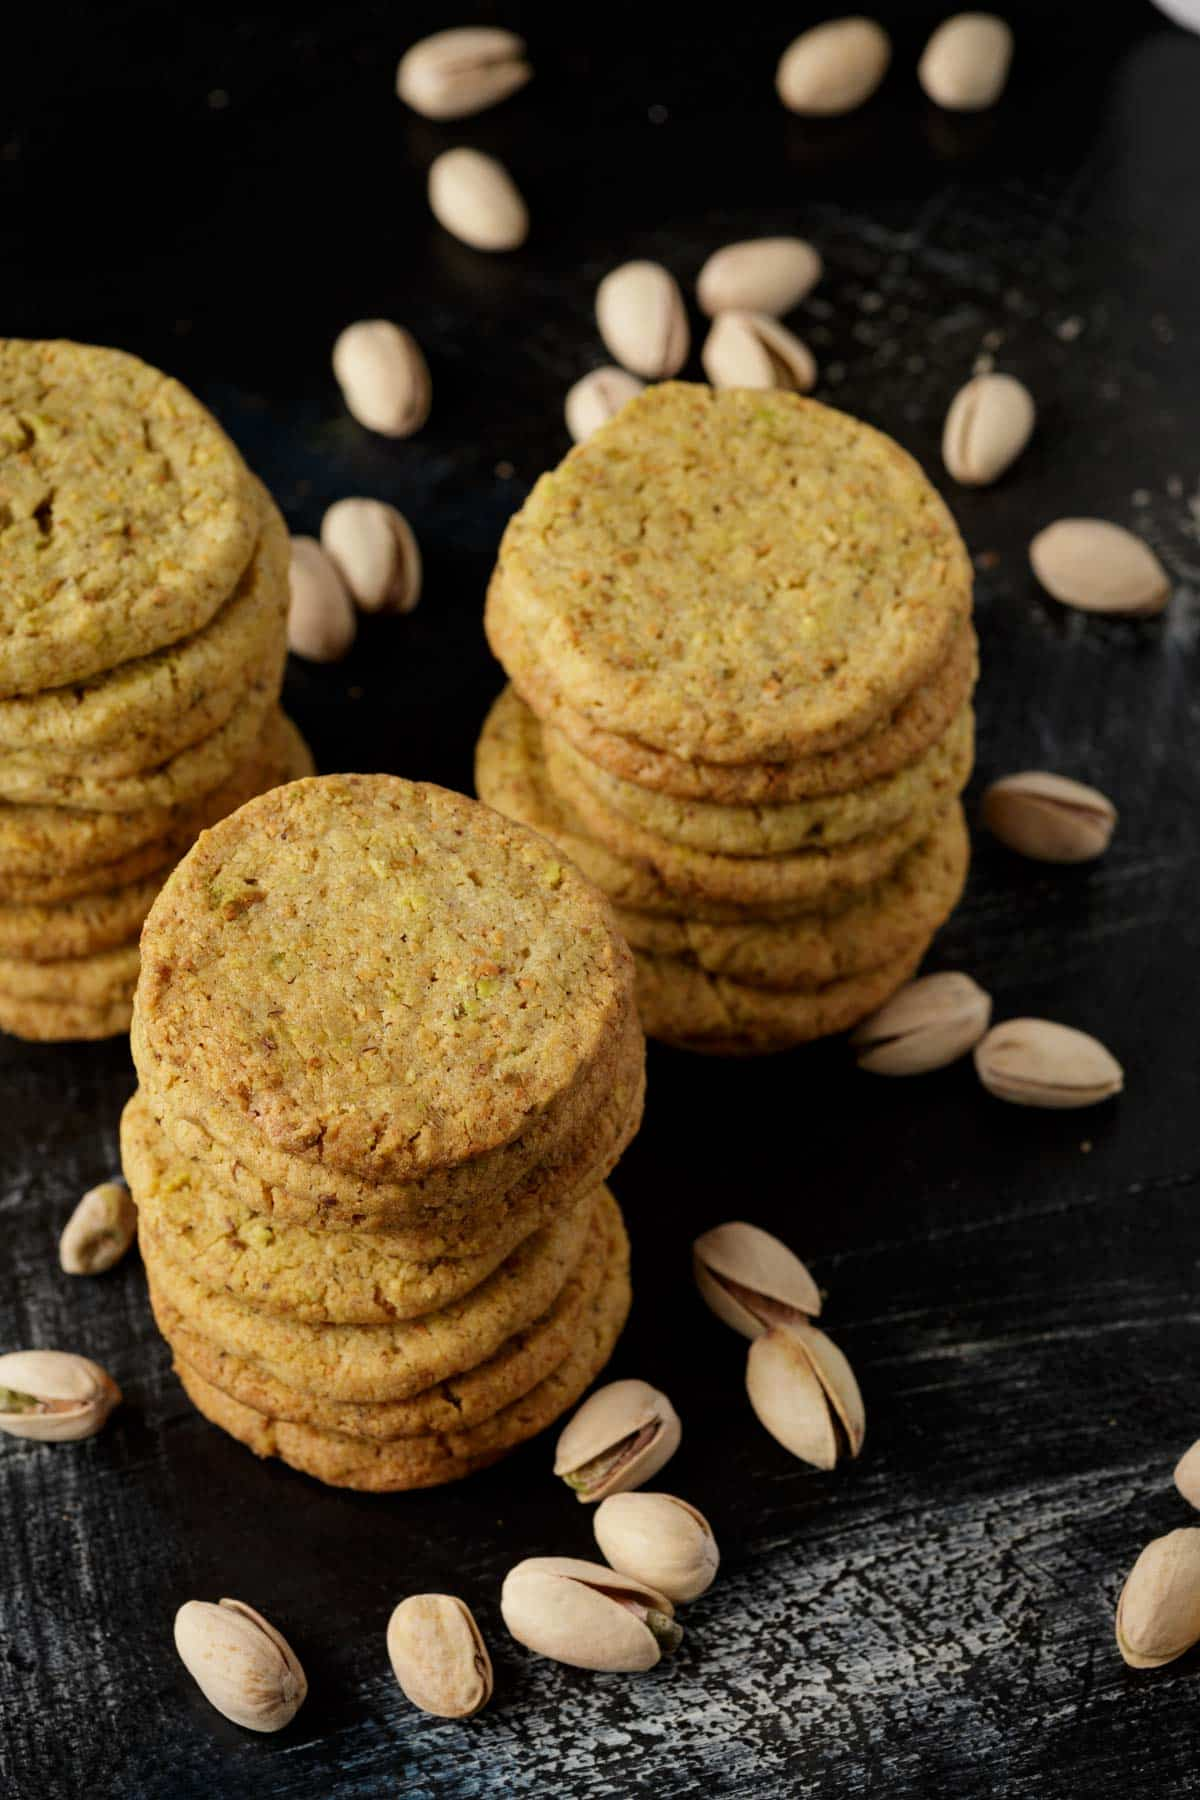 Stacks of pistachio shortbread cookies